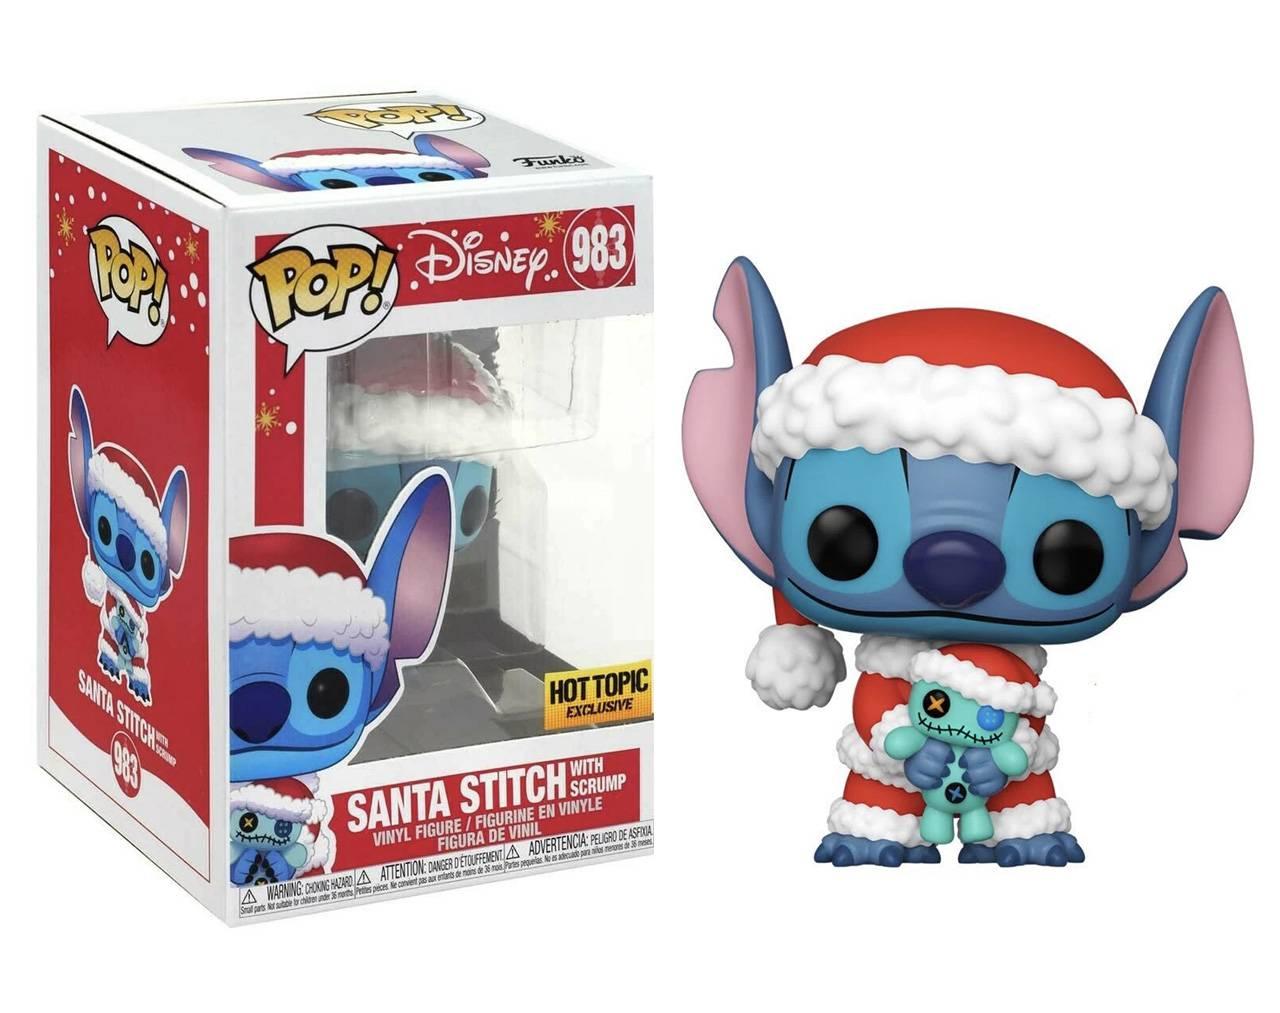 Santa Stitch with Scrump Pop! Vinyl